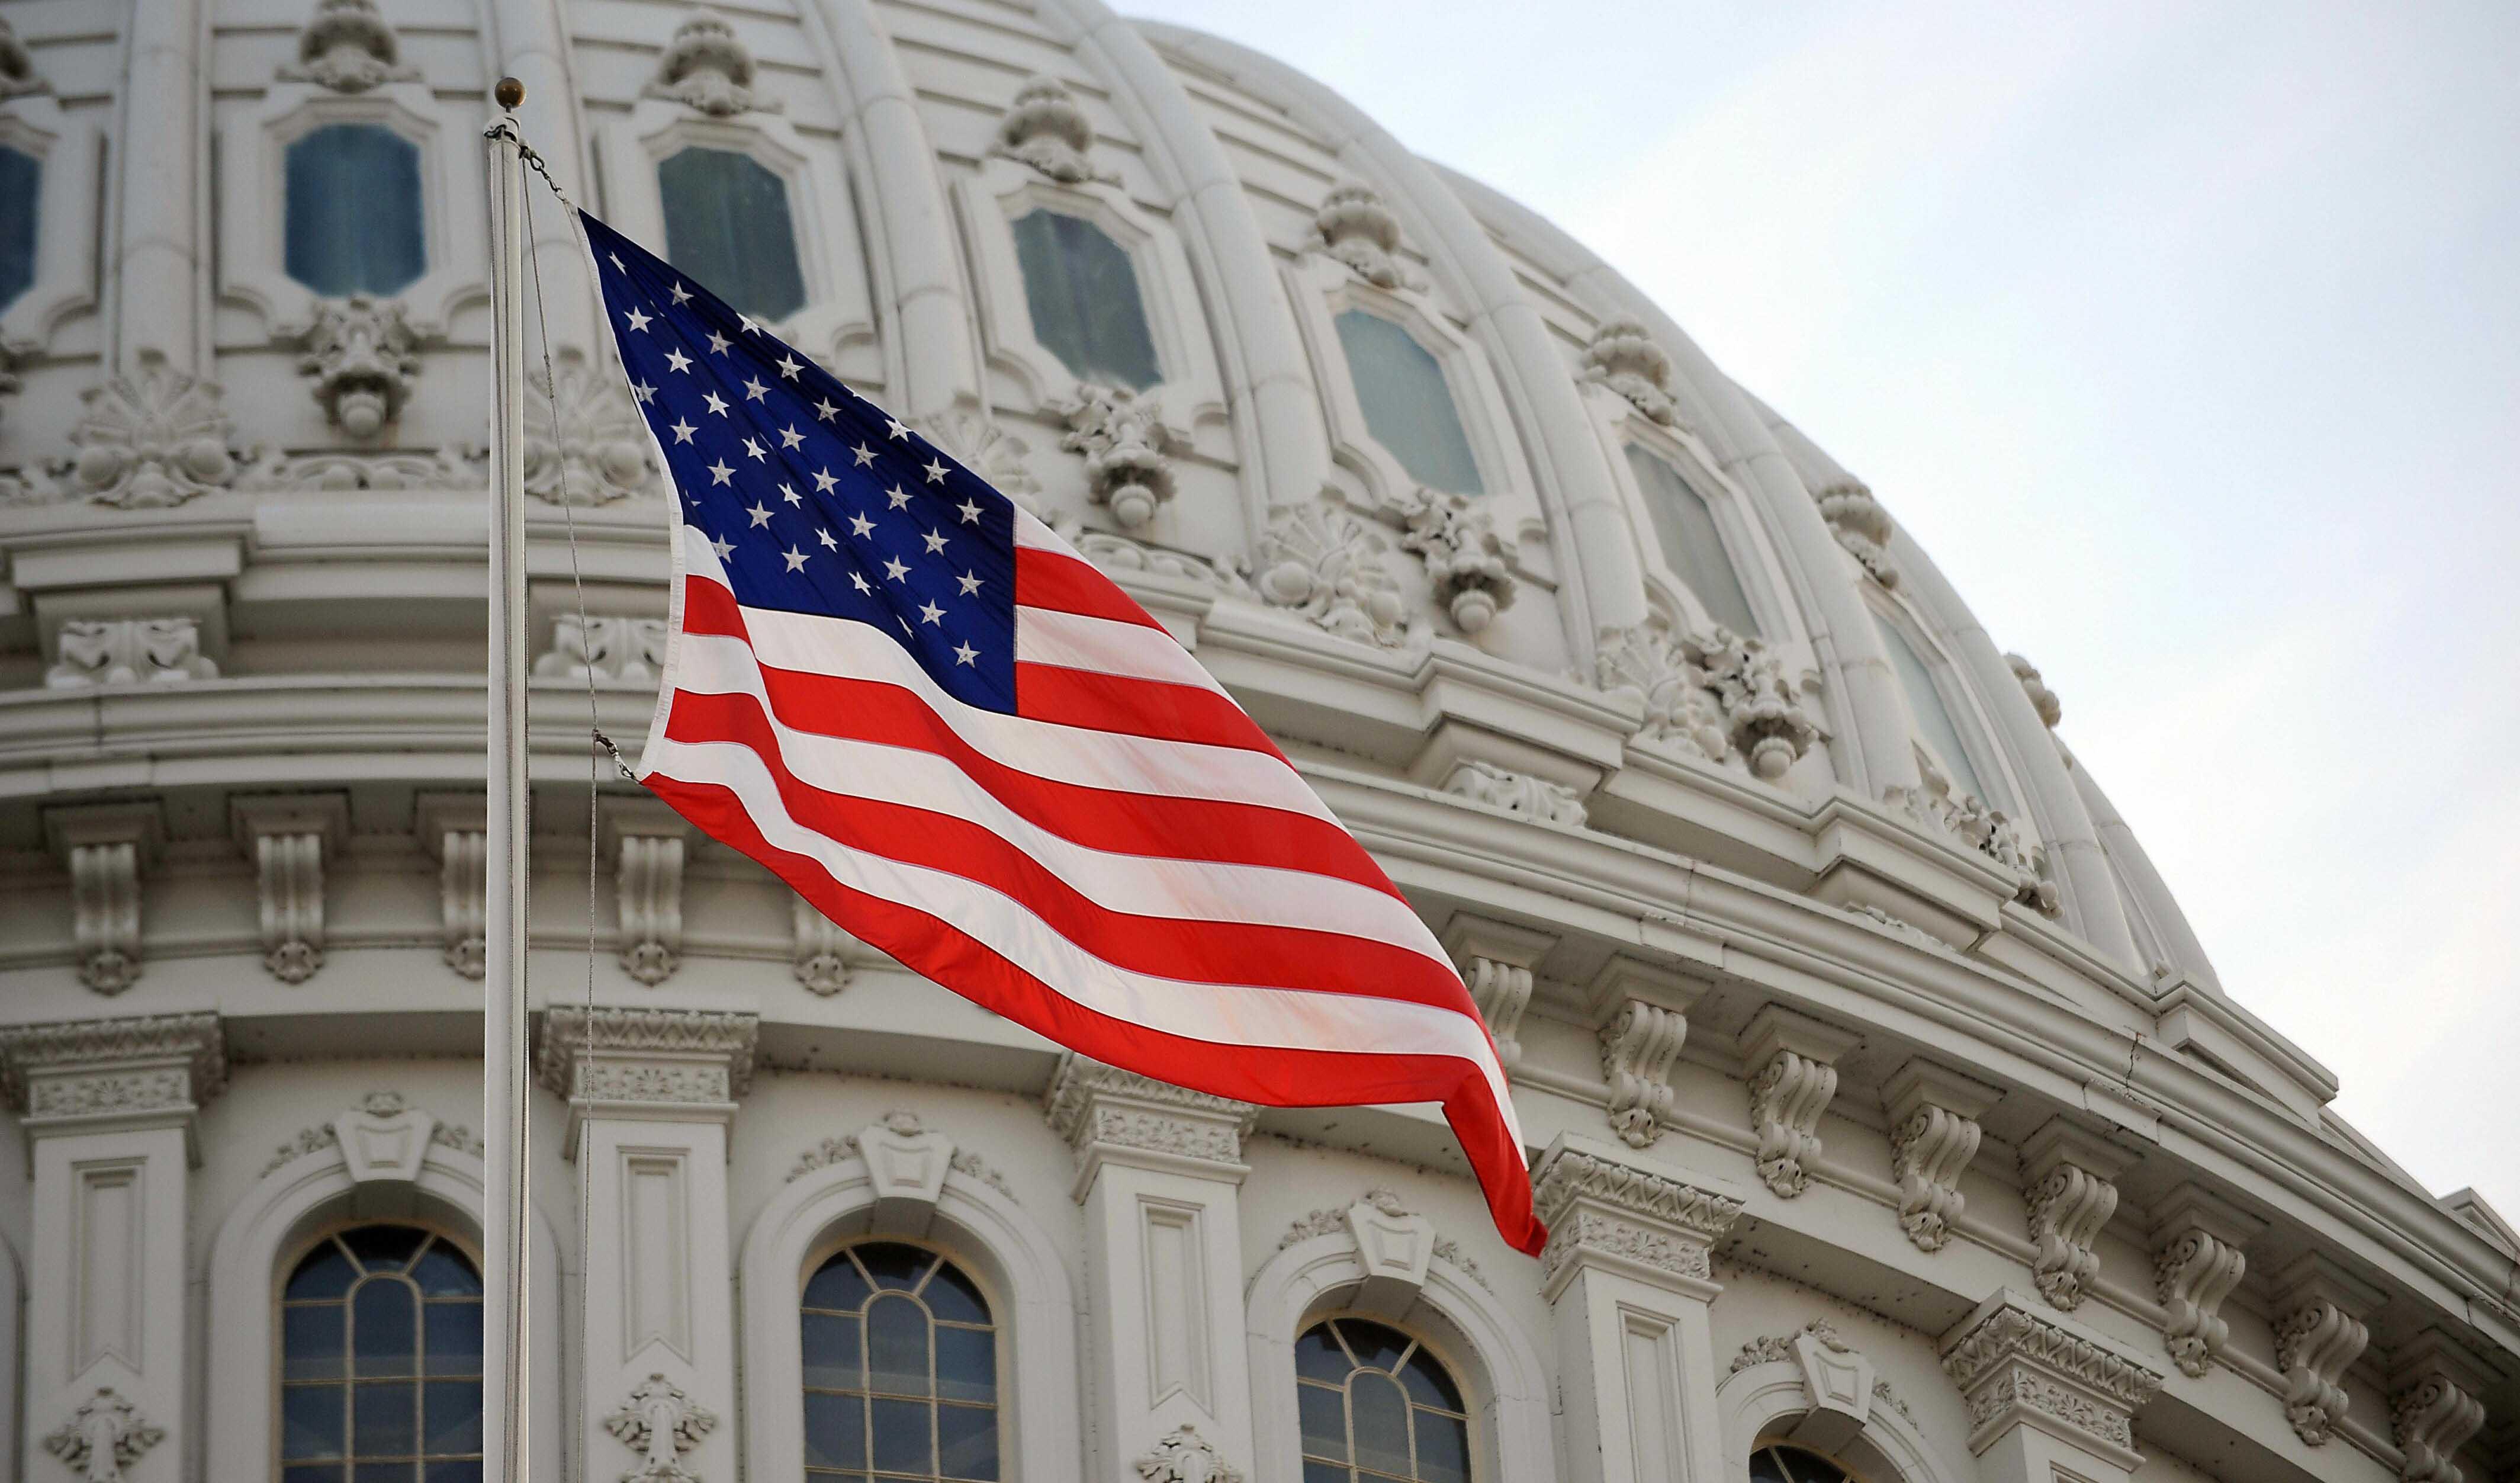 کنگره آمریکا بسته کمک مالی جدید ۹۰۰ میلیارد دلاری را تصویب کرد